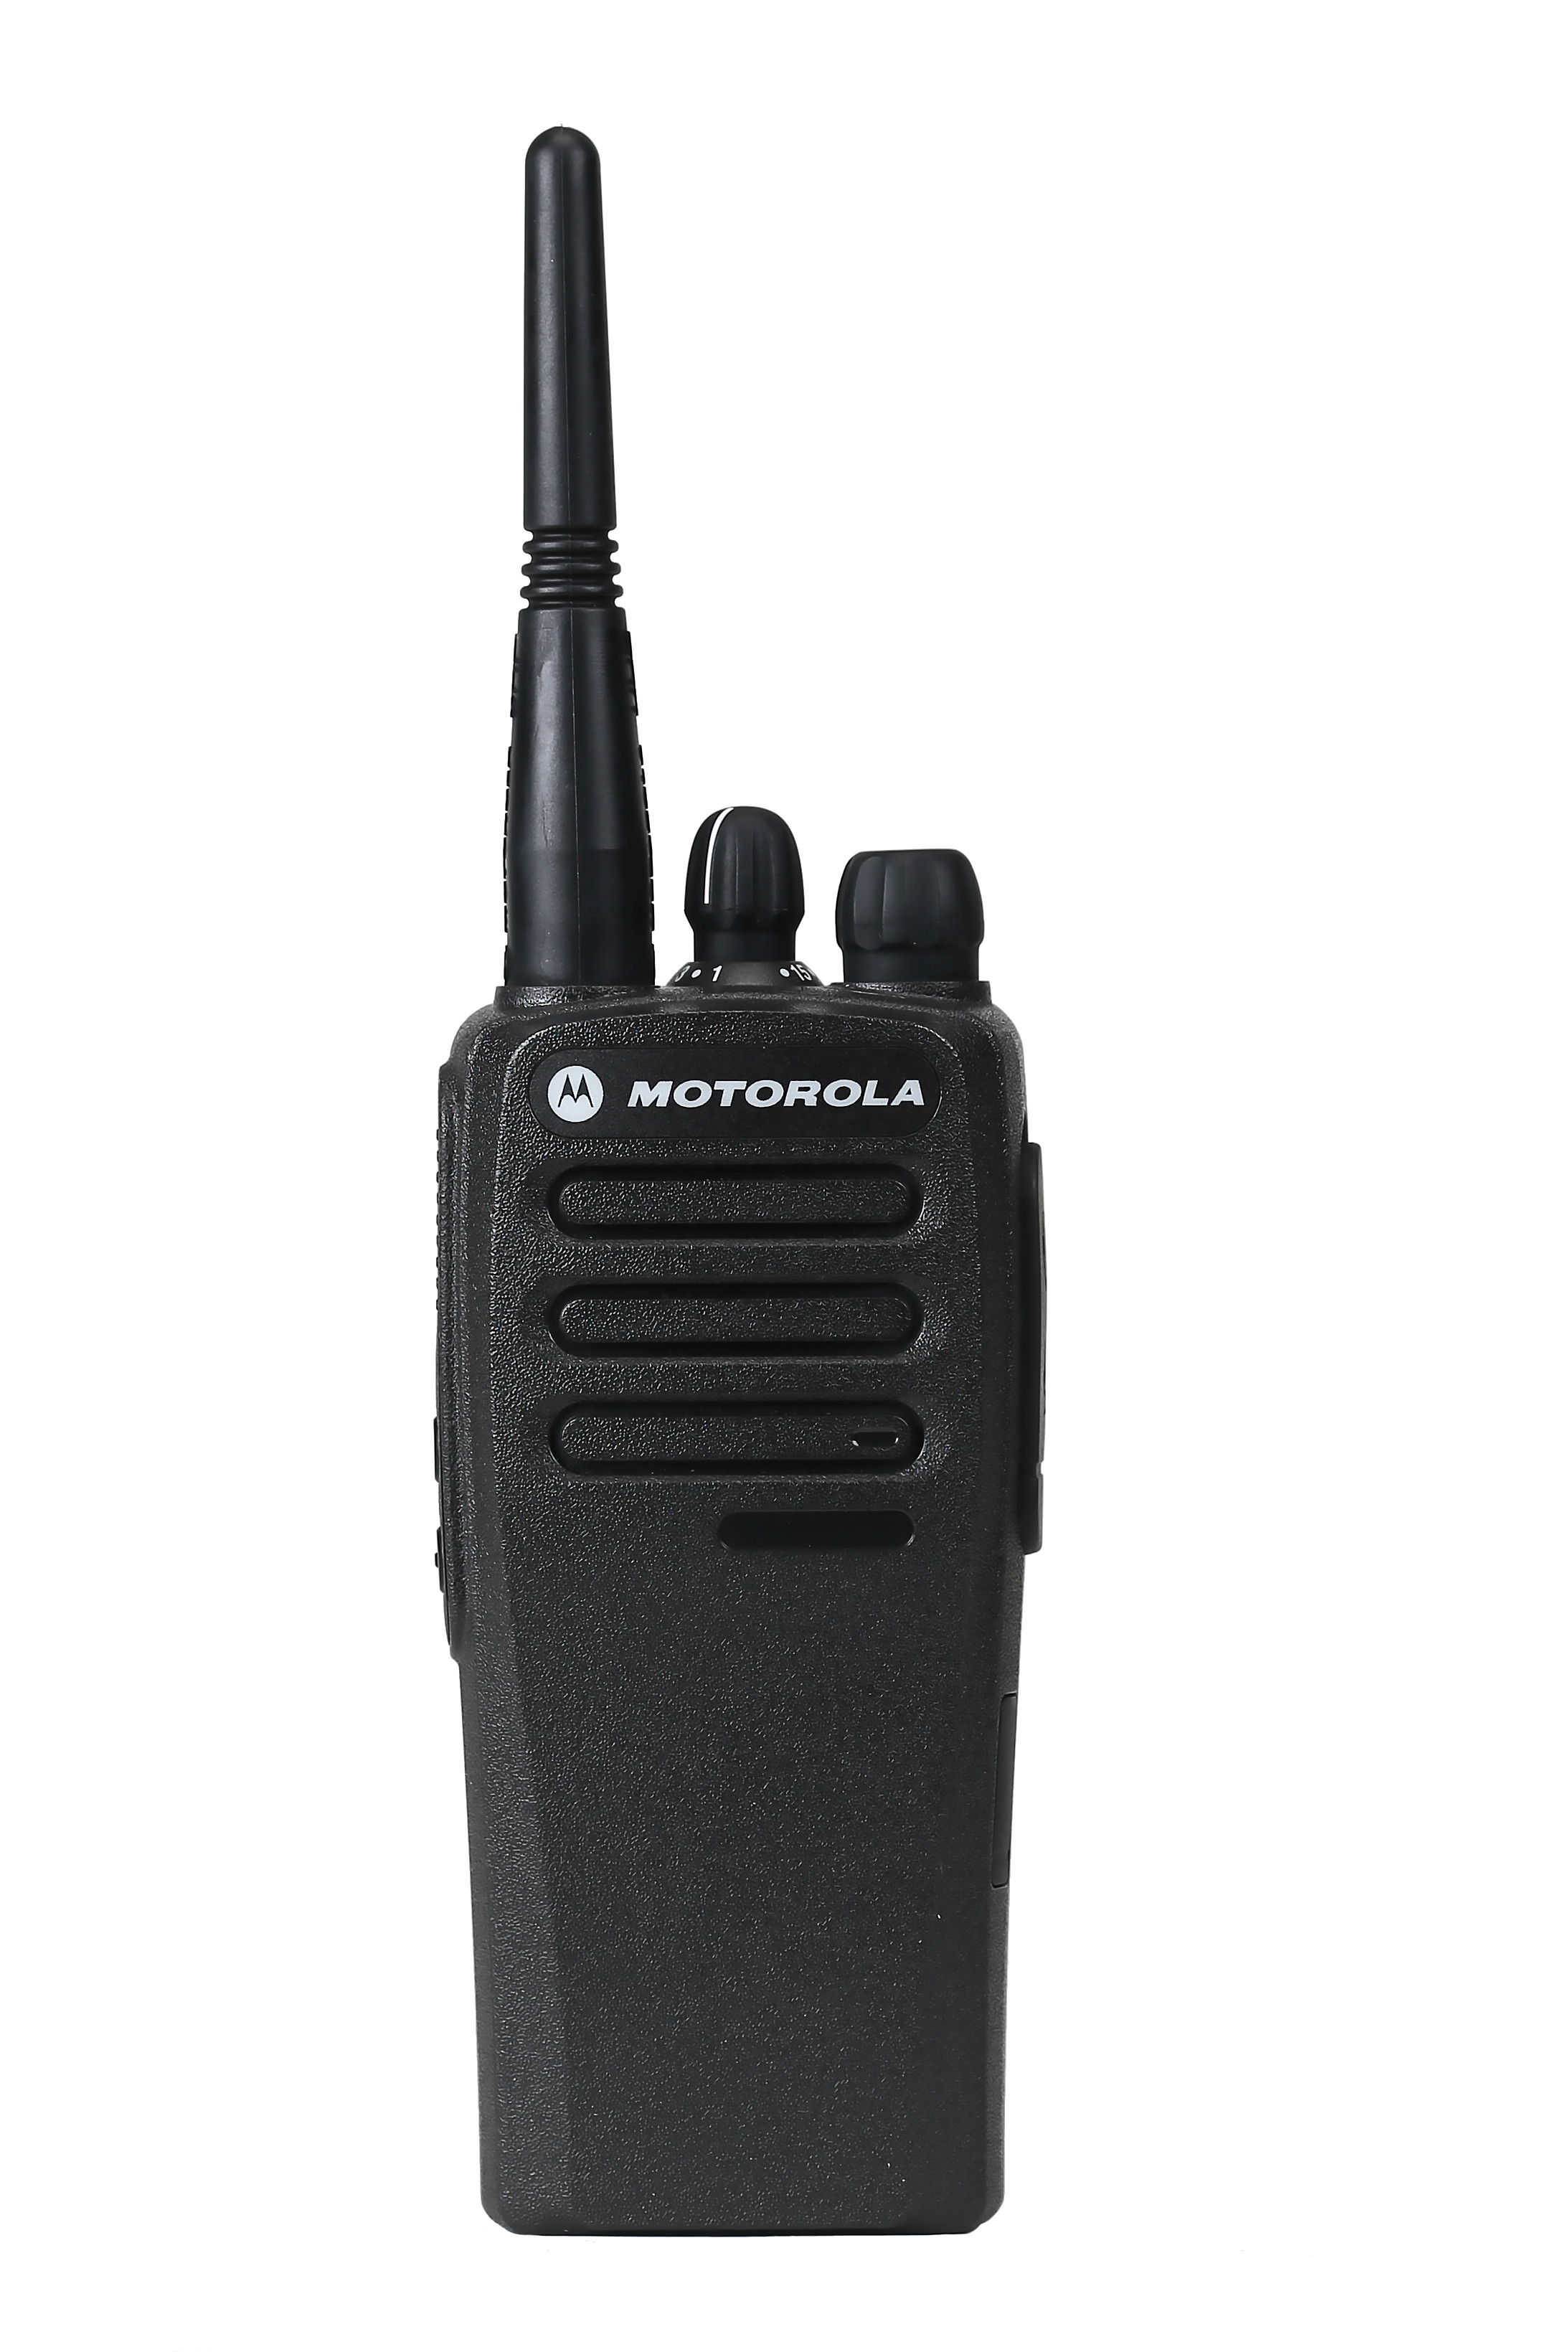 Профессиональная портативная рация Motorola DP1400 (400-470) (+ настройка бесплатно!)